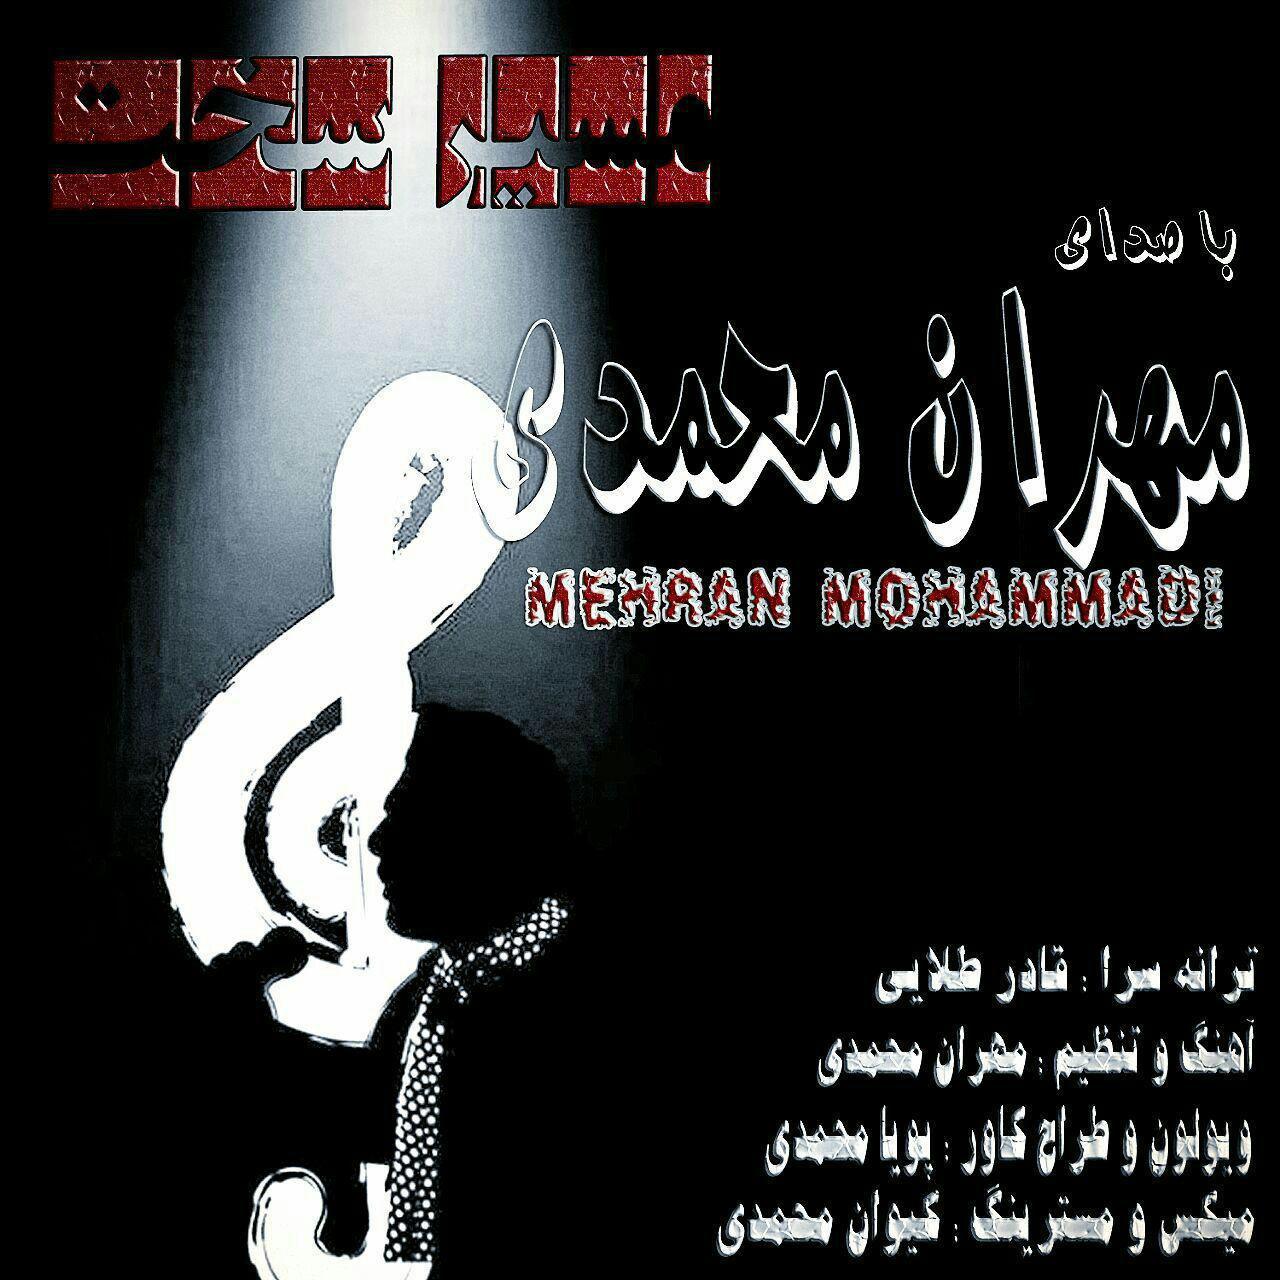 دانلود آهنگ جدید مهران محمدی به نام مسیر سخت